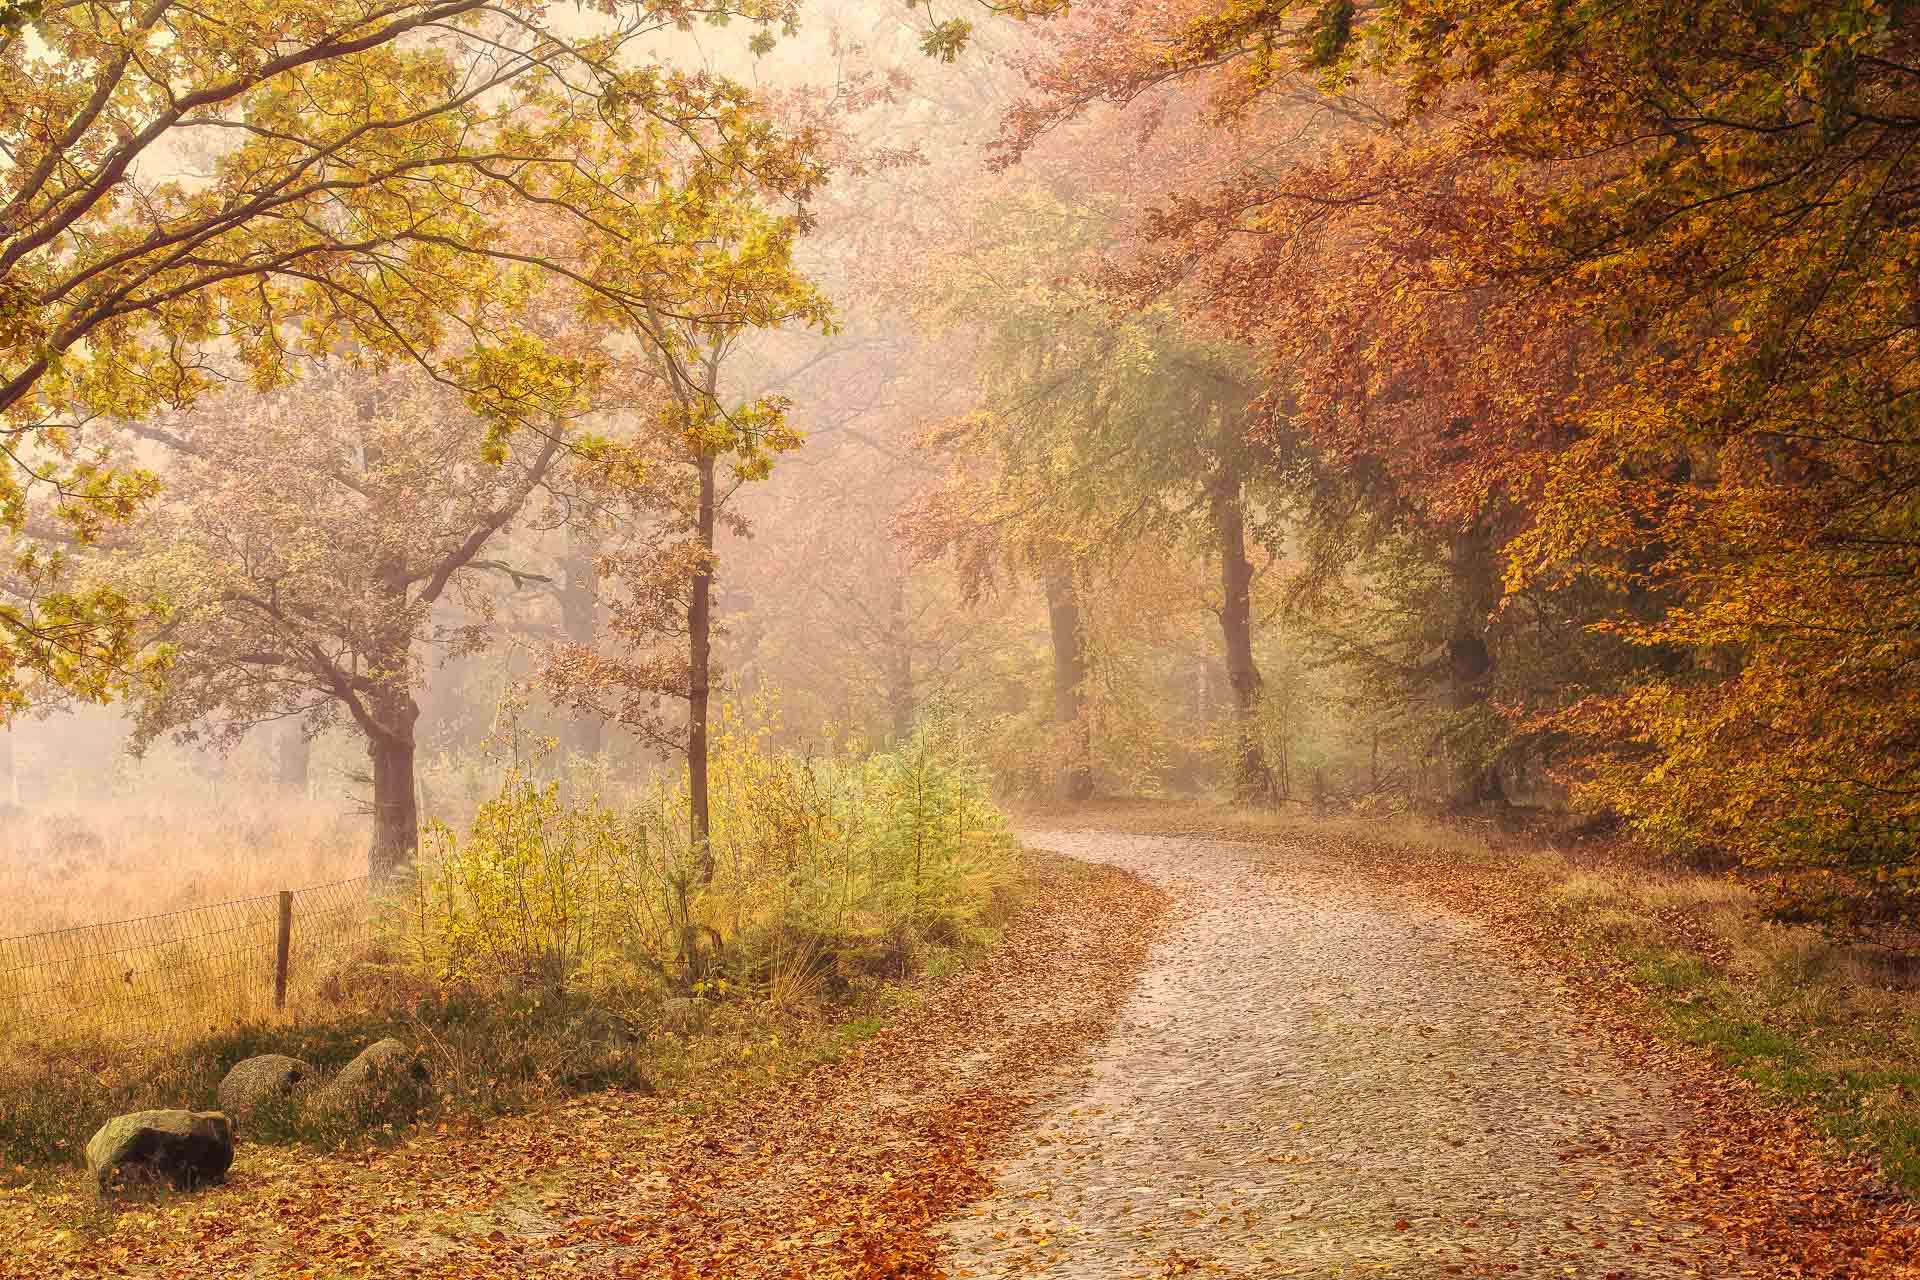 Herfst in Drenthe met mooie herfstkleuren aan de bomen